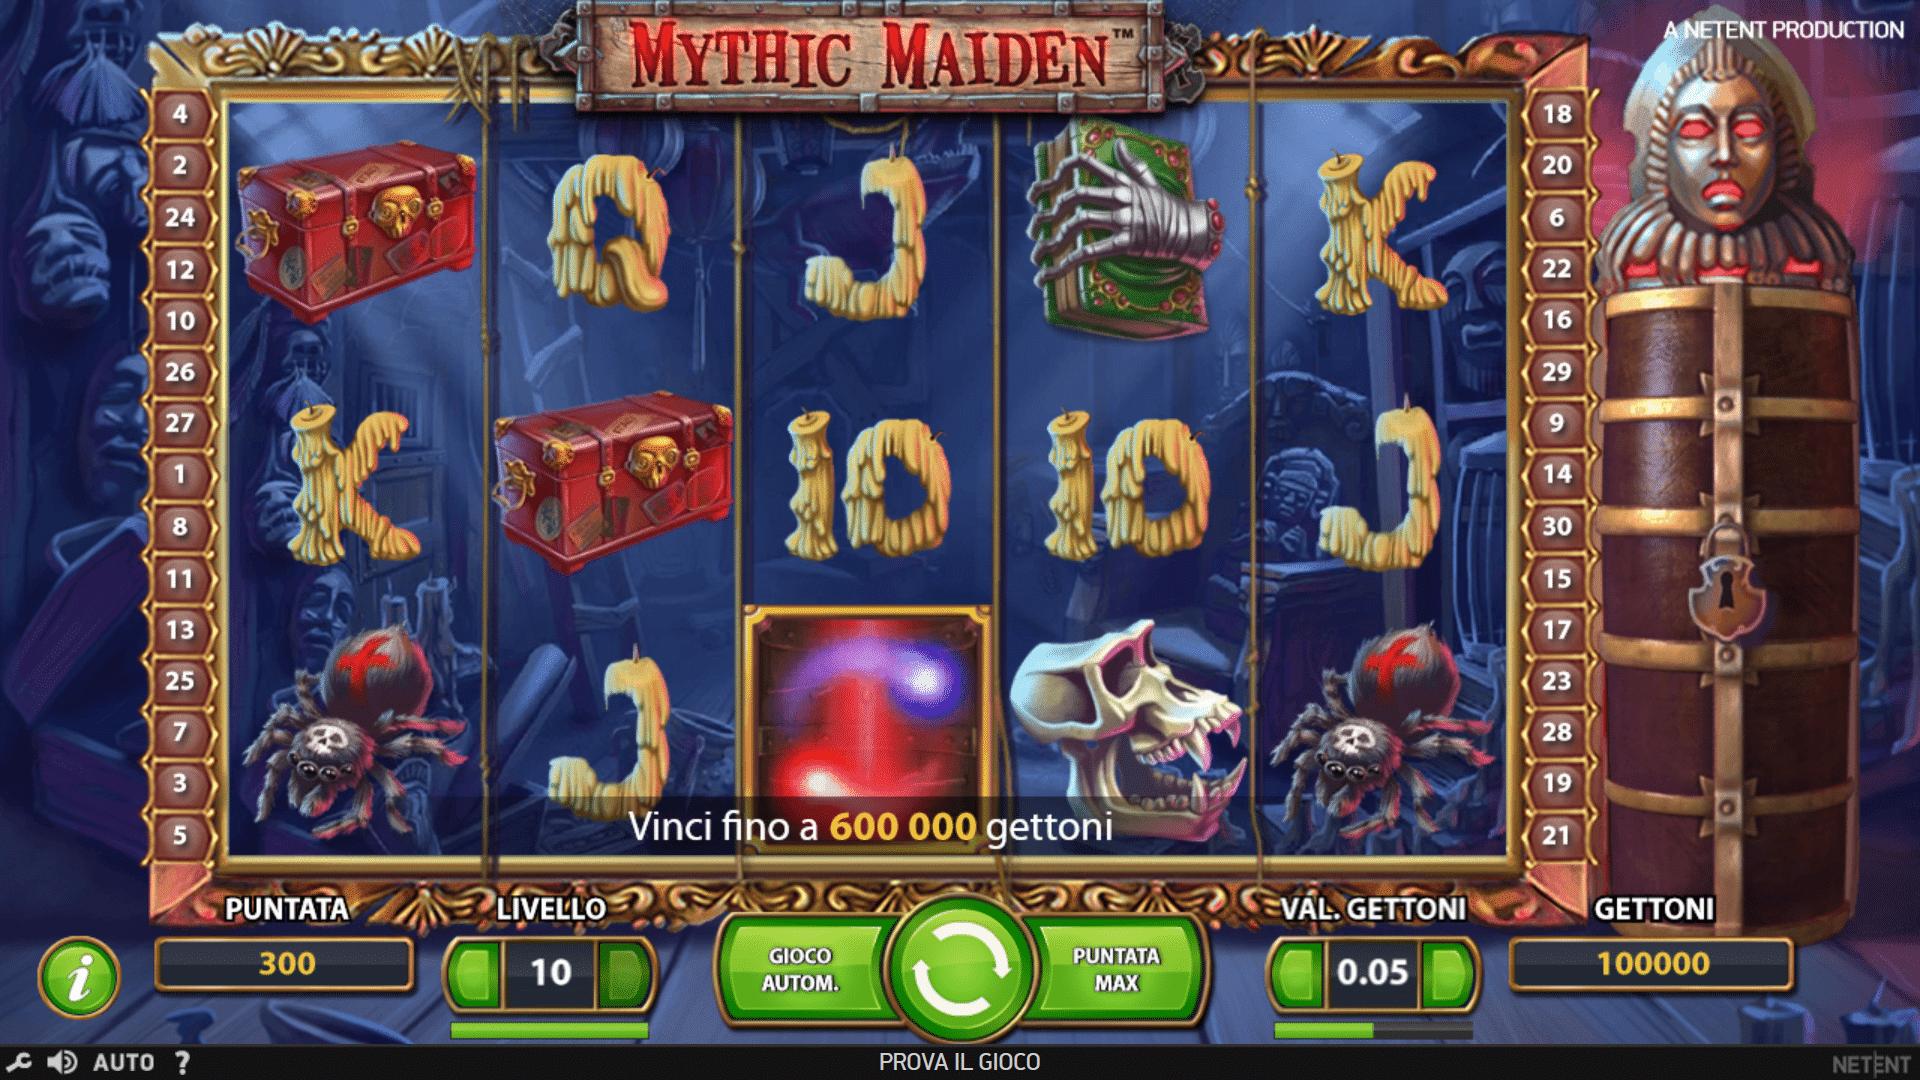 Slot Mythic Maiden